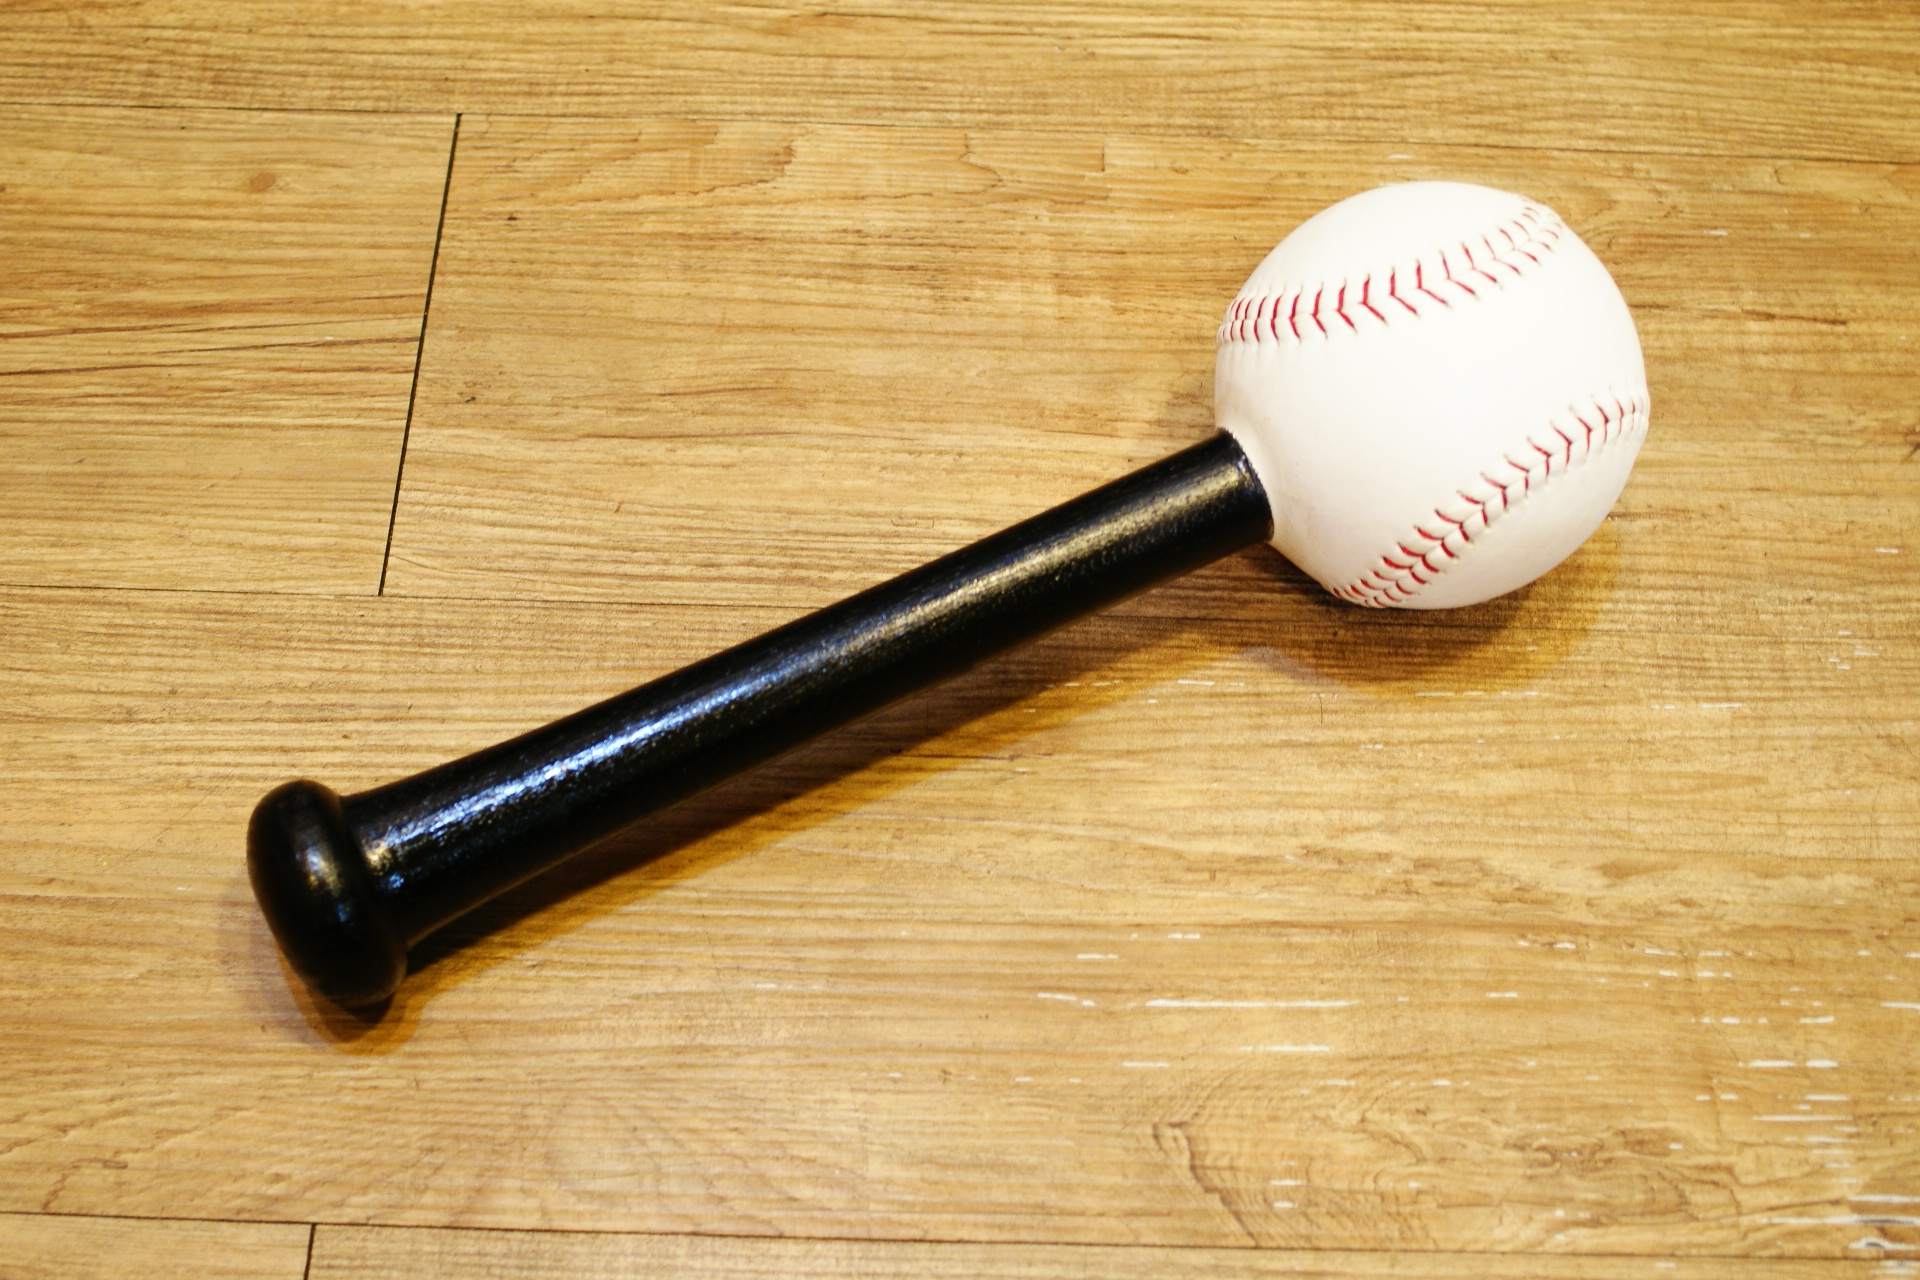 棒球世界全新壘球手套用整型槌 特價